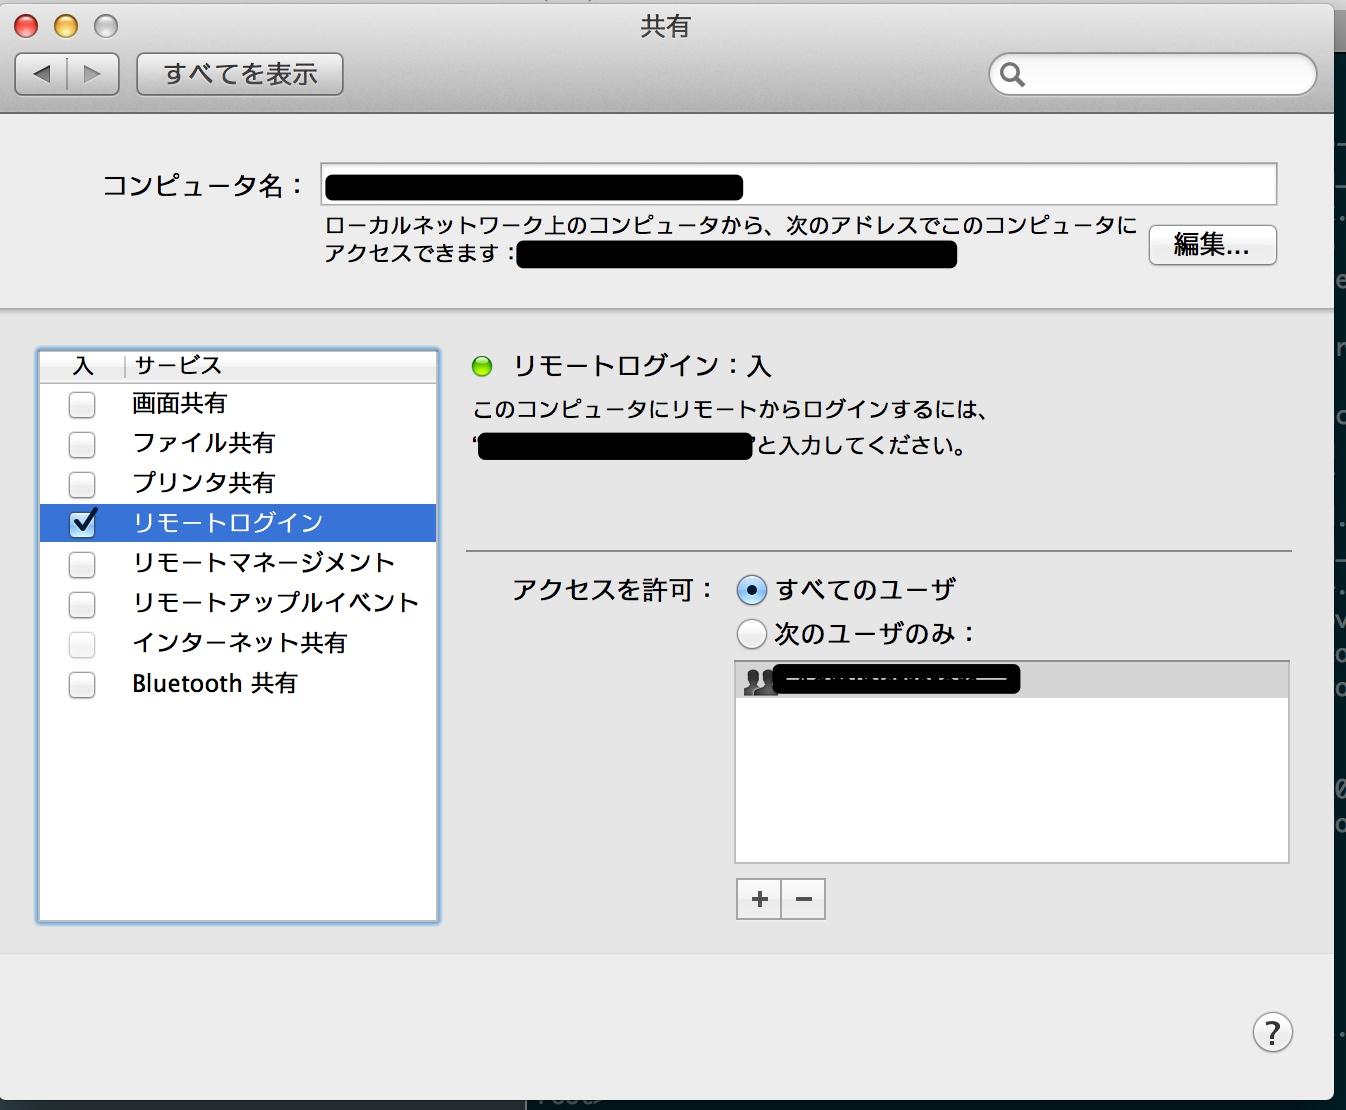 共有_と_1__exit__ssh_.jpg